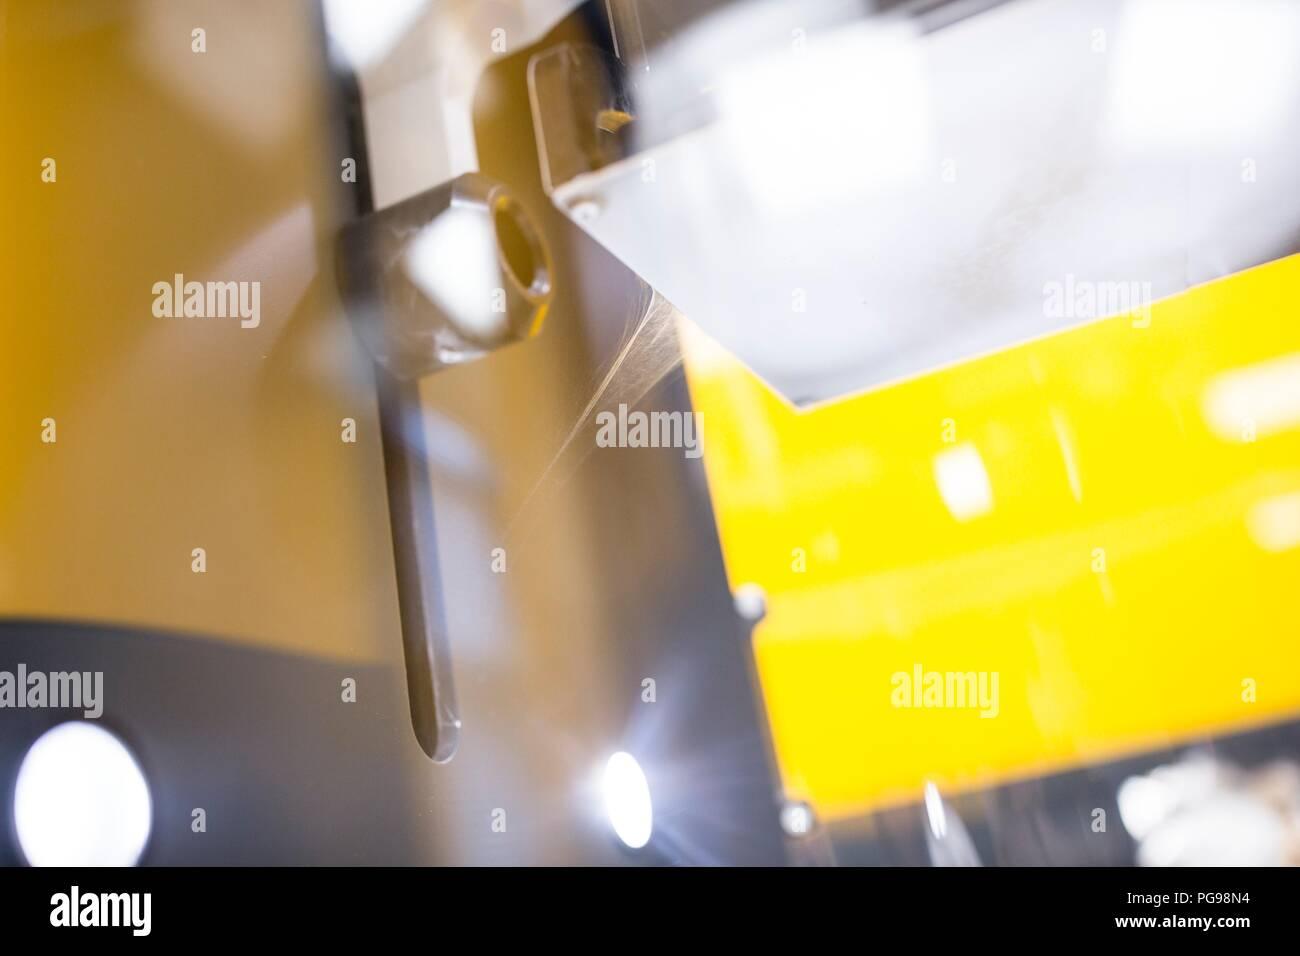 Close-up de nanofibras producidas por una máquina electrospinning. Este laboratorio está utilizando nanofibras para fabricar materiales biodegradables para tejidos de los andamios. Imagen De Stock